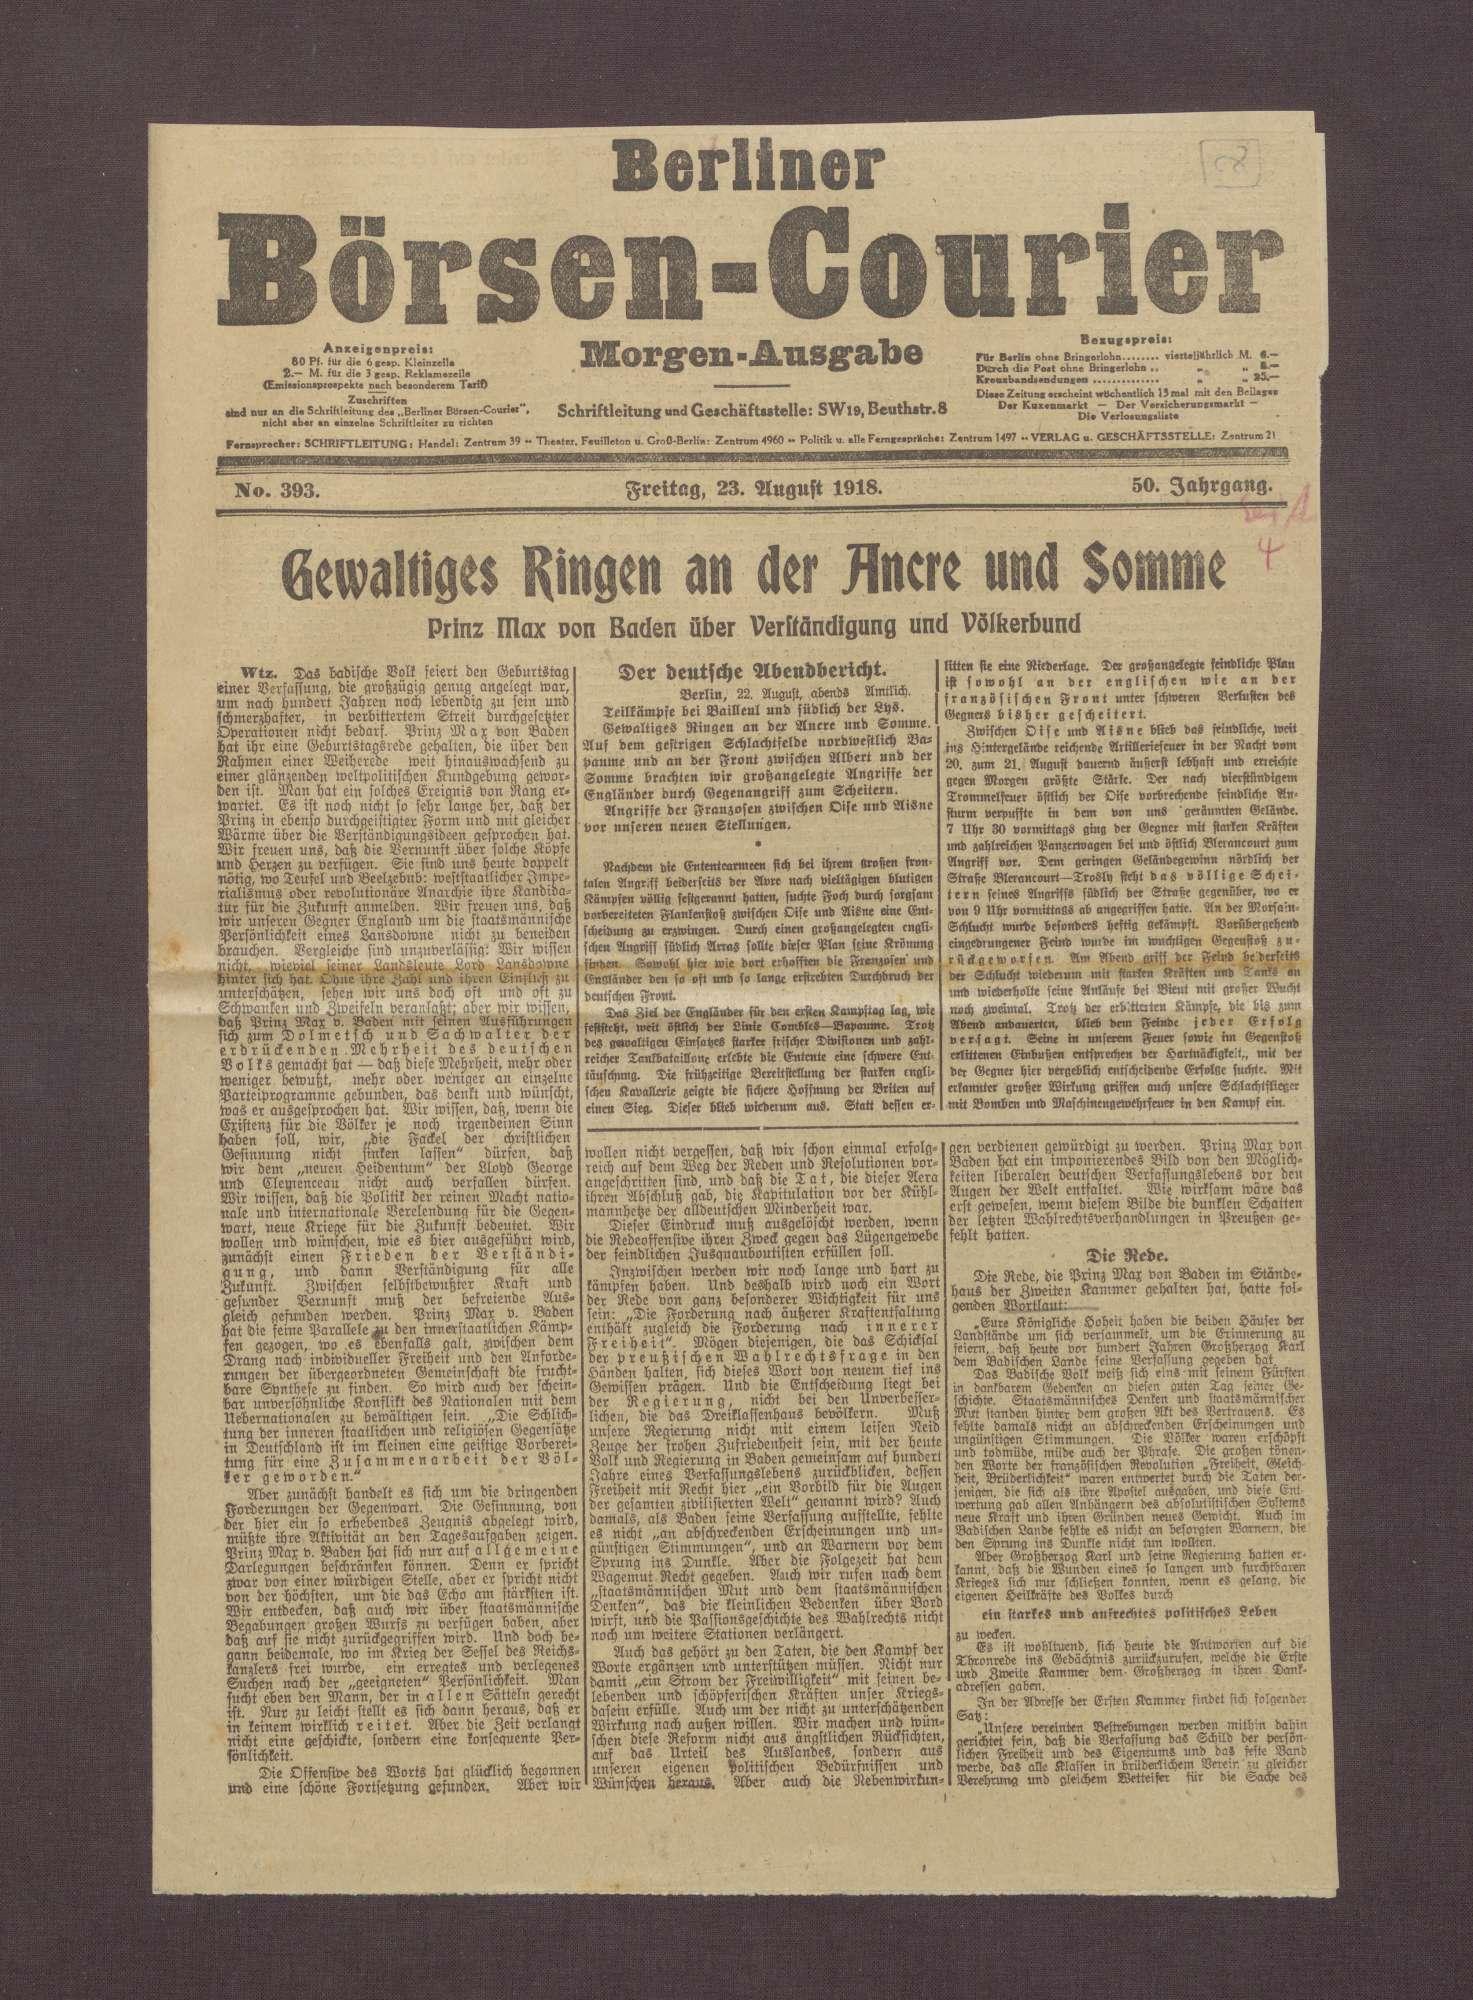 """Artikel aus dem Berliner Börsen-Courier: """"Gewaltiges Ringen an der Ancre und Somme"""", Bild 1"""